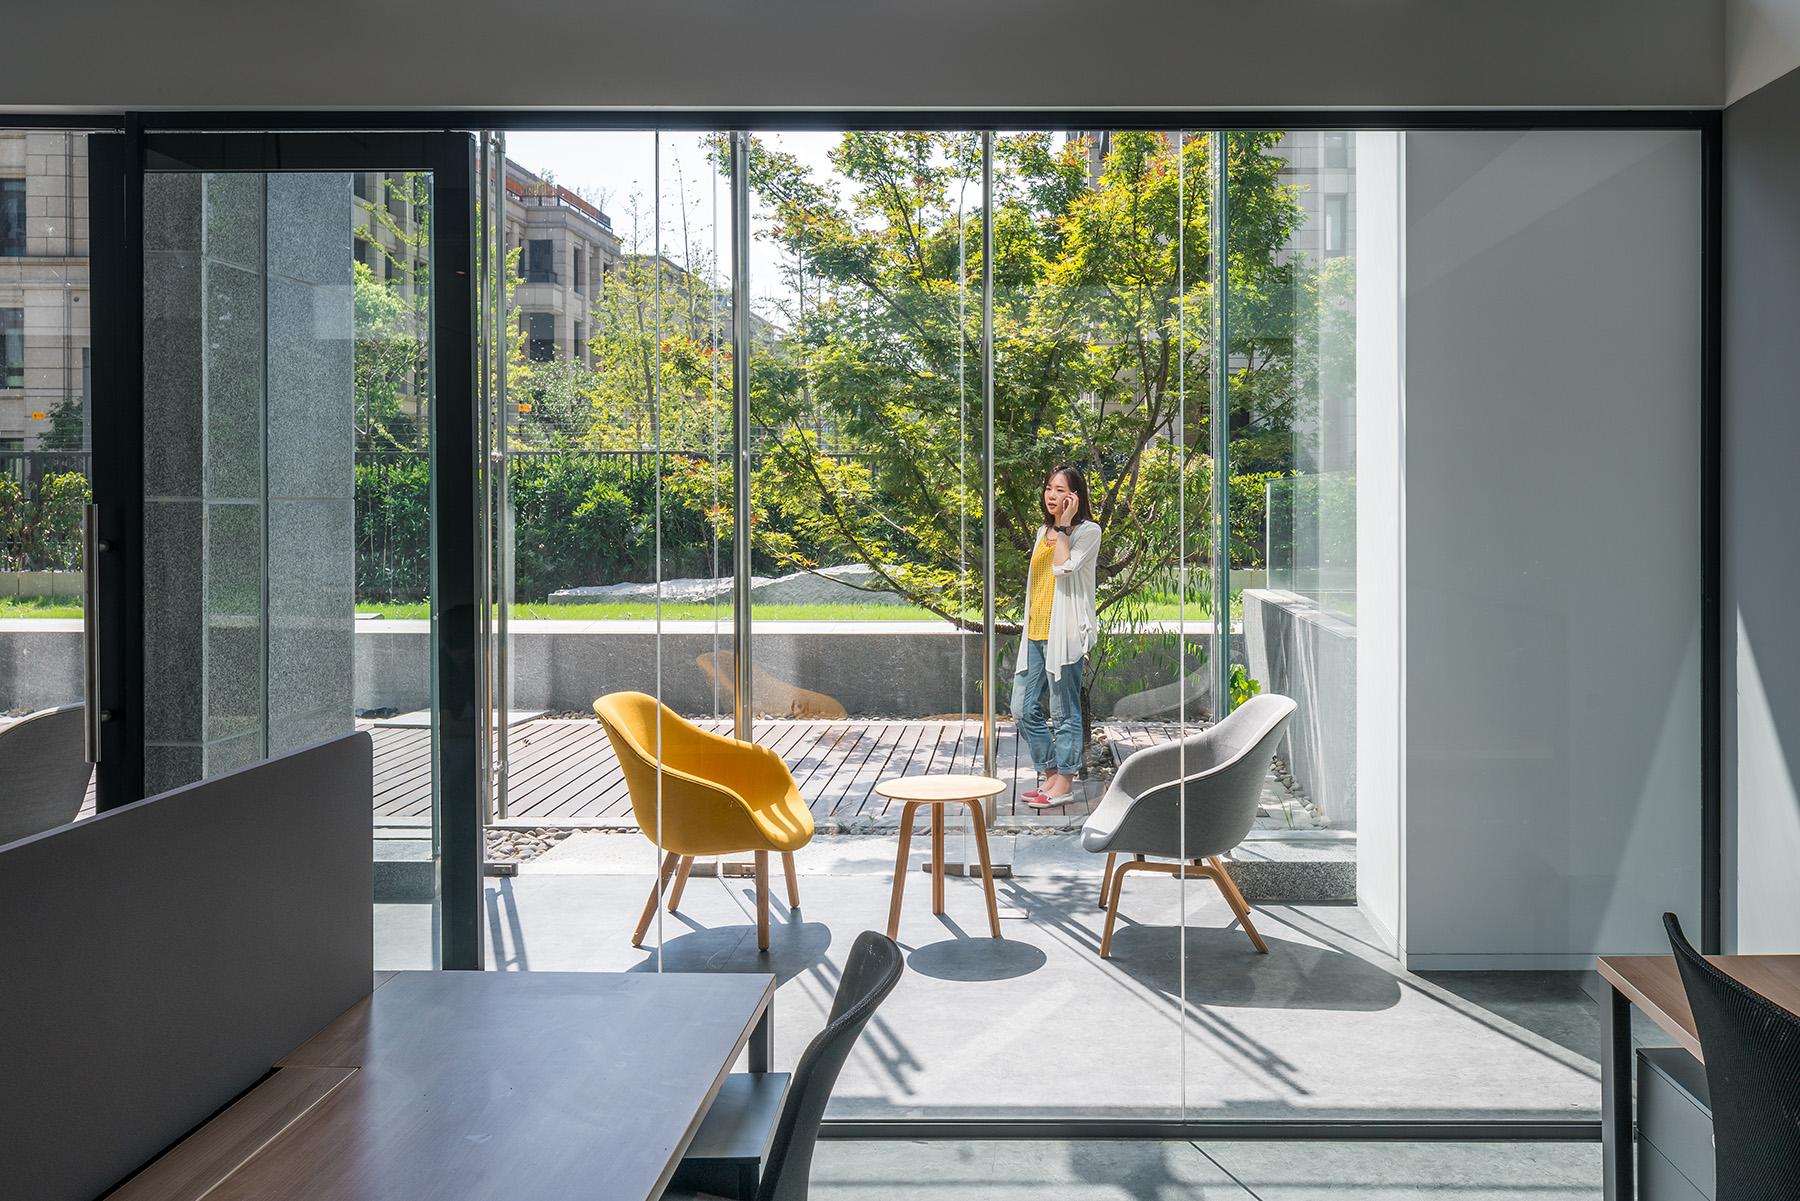 拒绝枯燥乏味!打造全新办公空间,给你家的温暖!|Gensler - 3